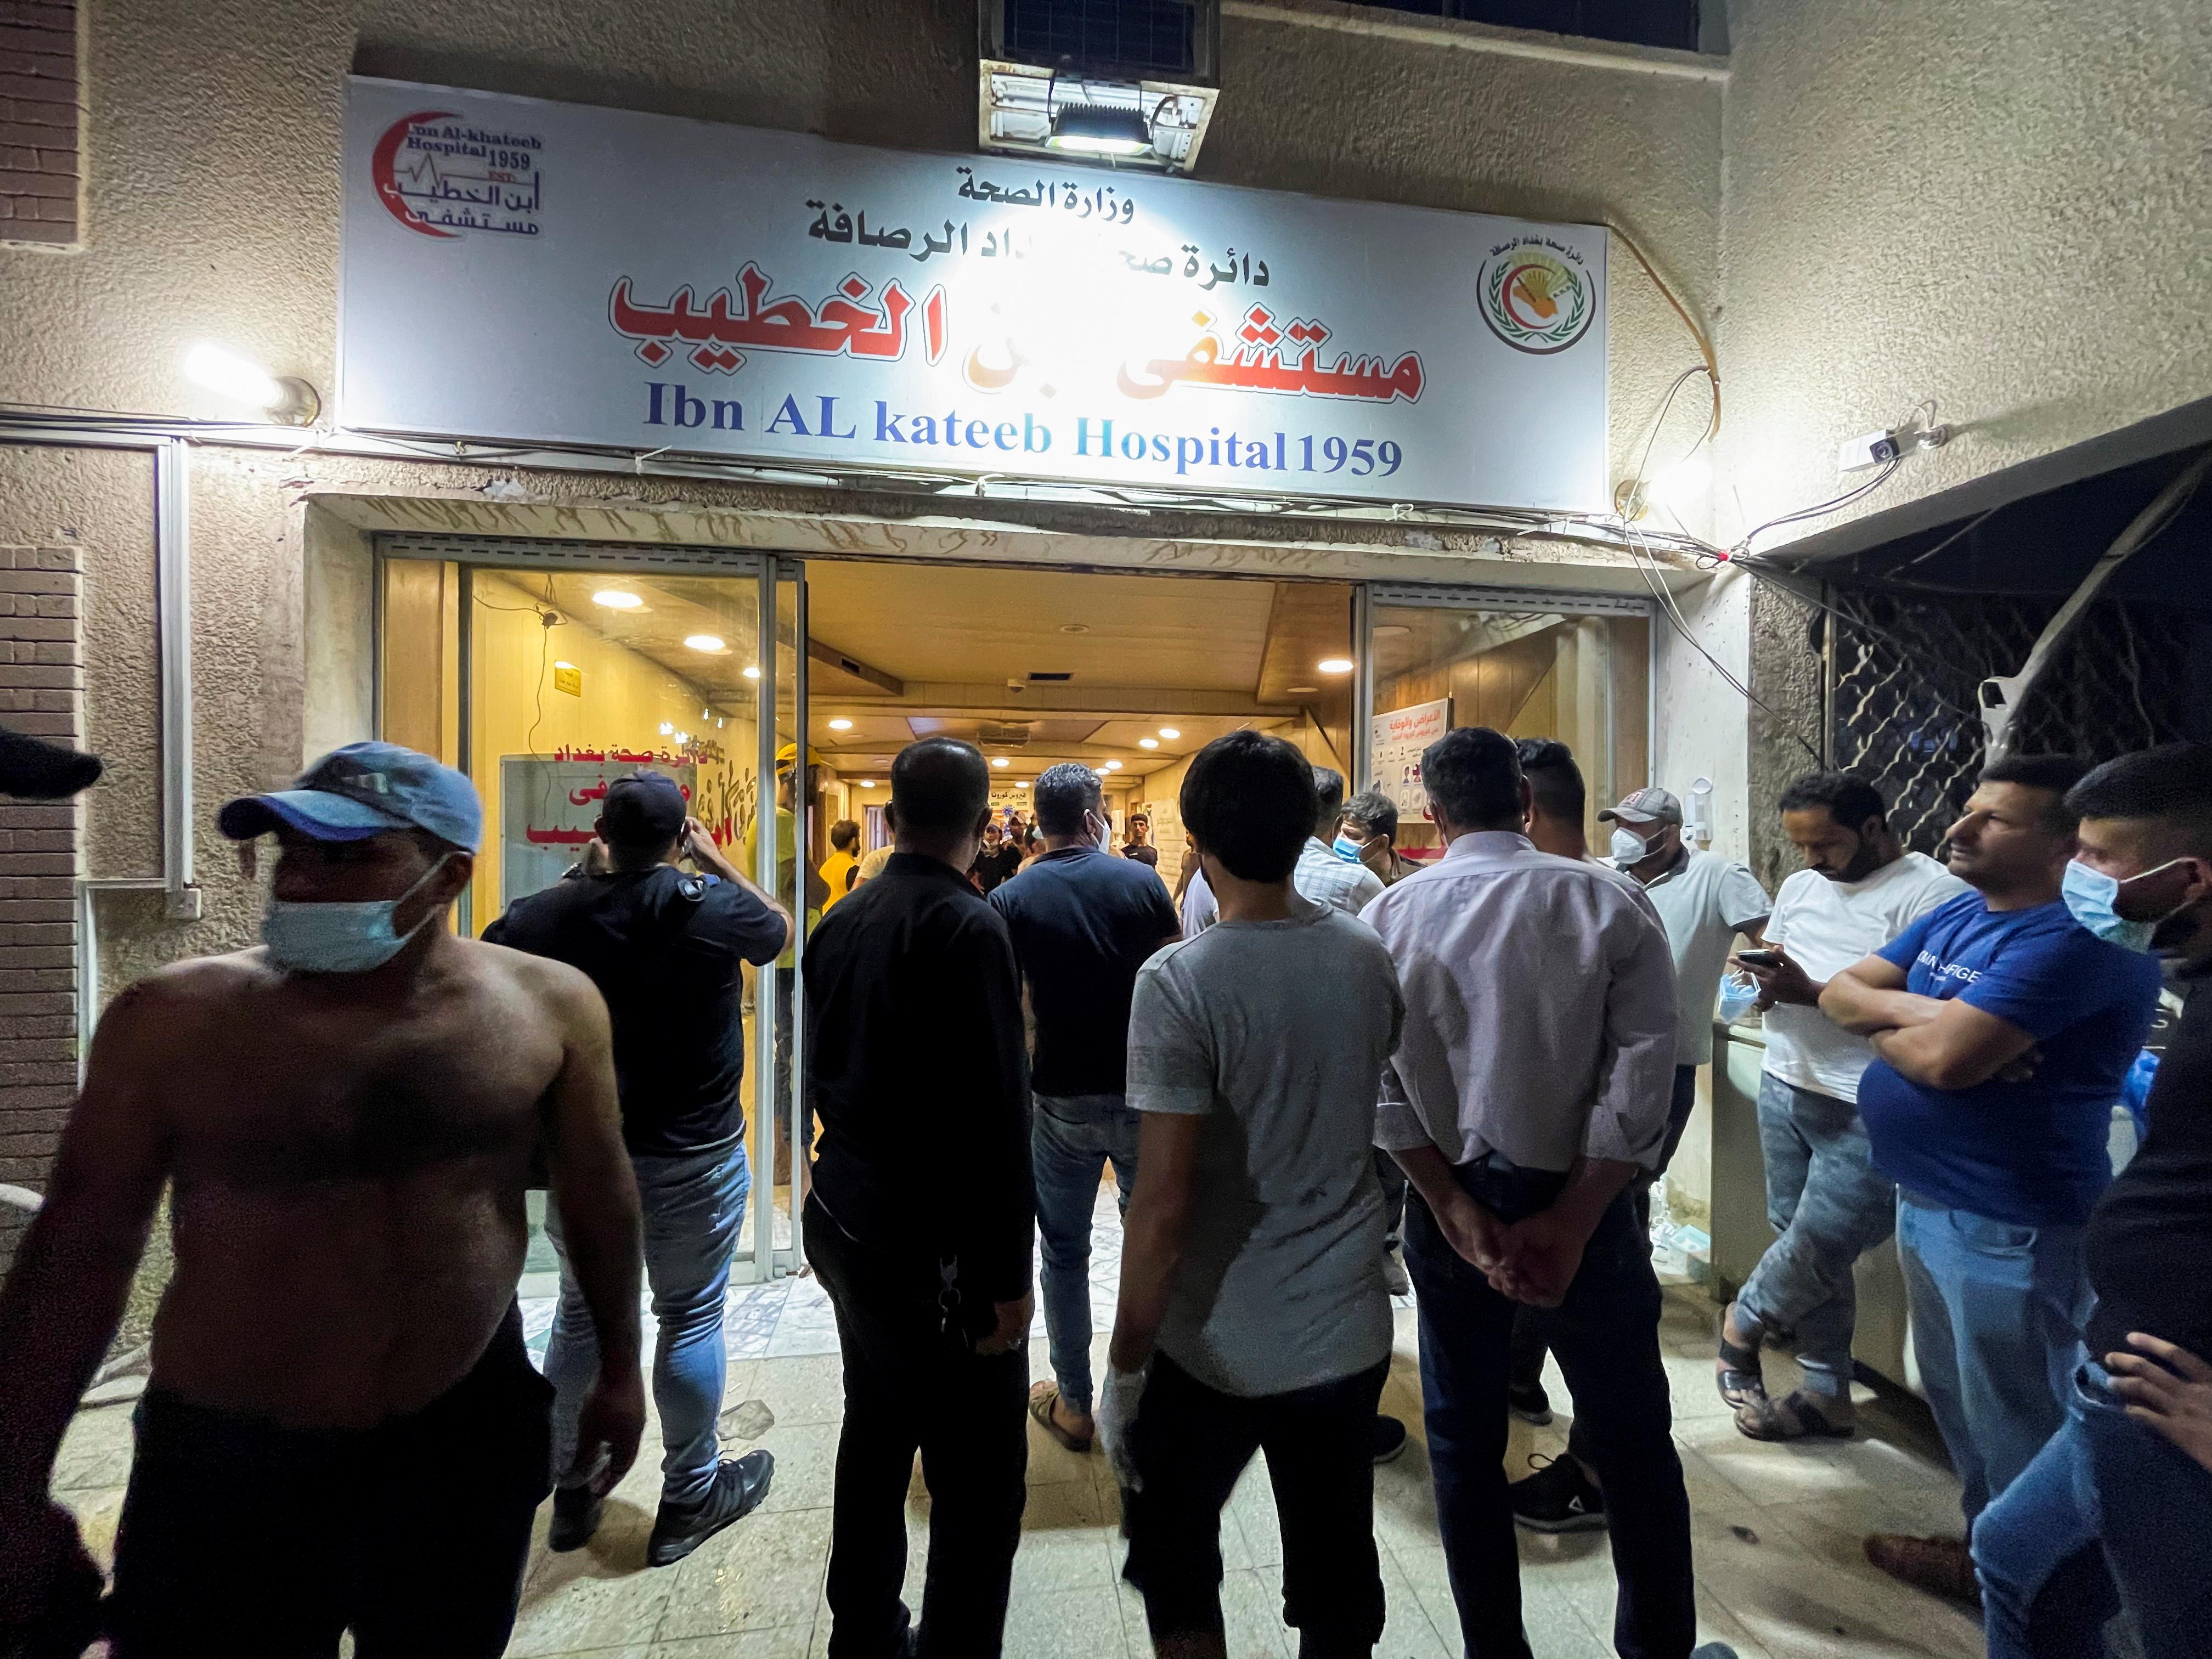 Fire from oxygen tank blast in Baghdad COVID-19 hospital kills 82 | Reuters